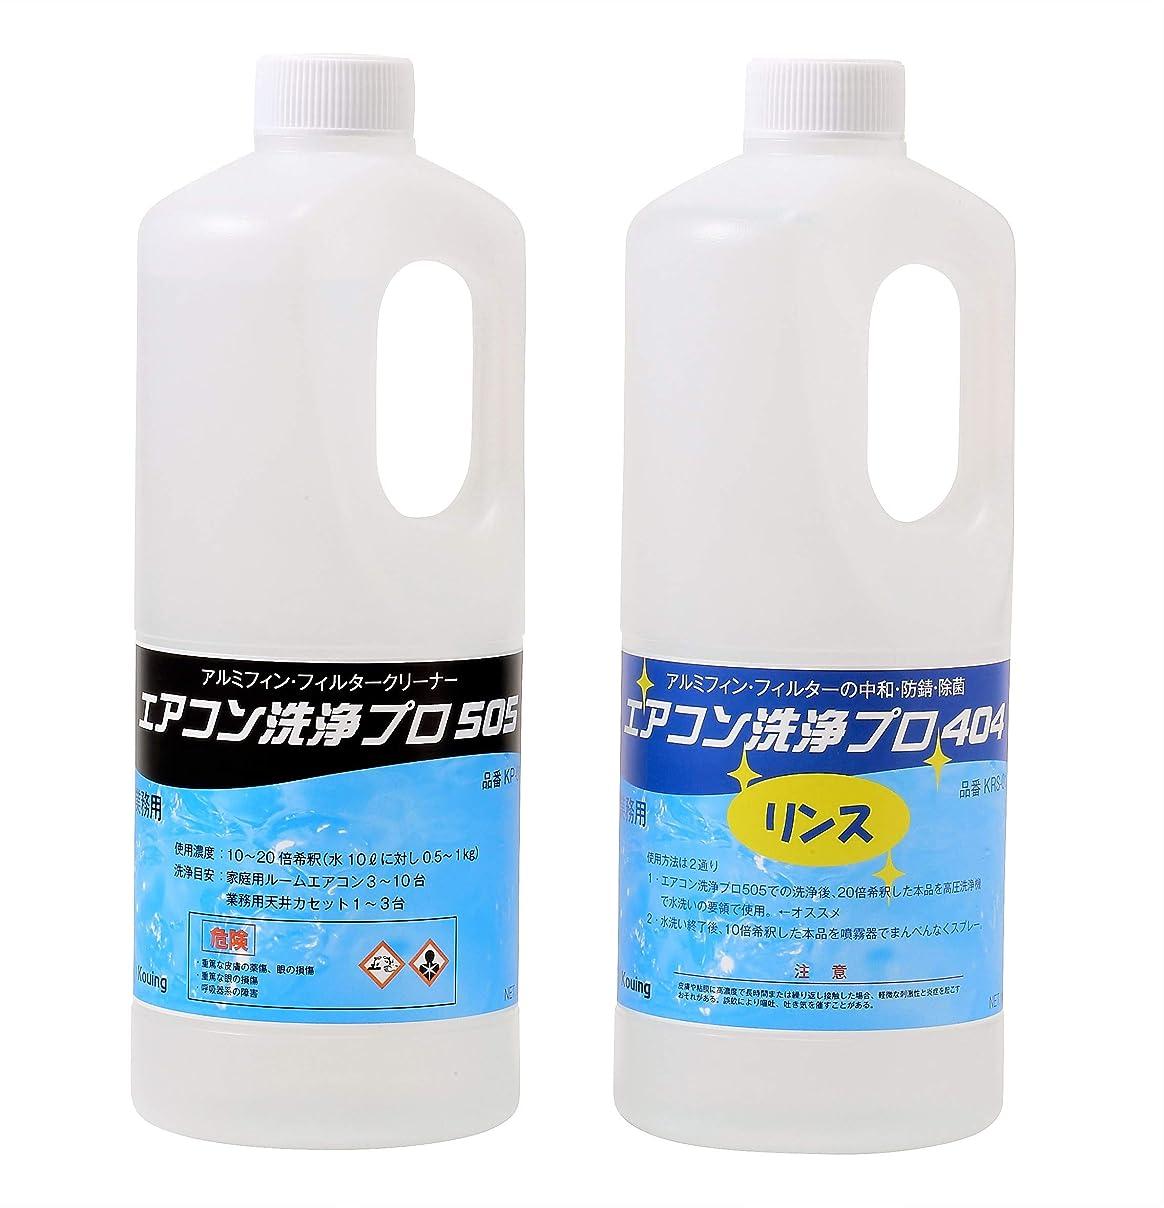 できるキャプテンブライ稼ぐ2点セット アルミフィンクリーナー (1.0kg) エアコン洗浄プロ505エアコン洗浄剤 ?リンス剤 アルミフィン?フィルターのリンス処理 (1.0kg) エアコン洗浄プロ404(業務用プロ仕様)